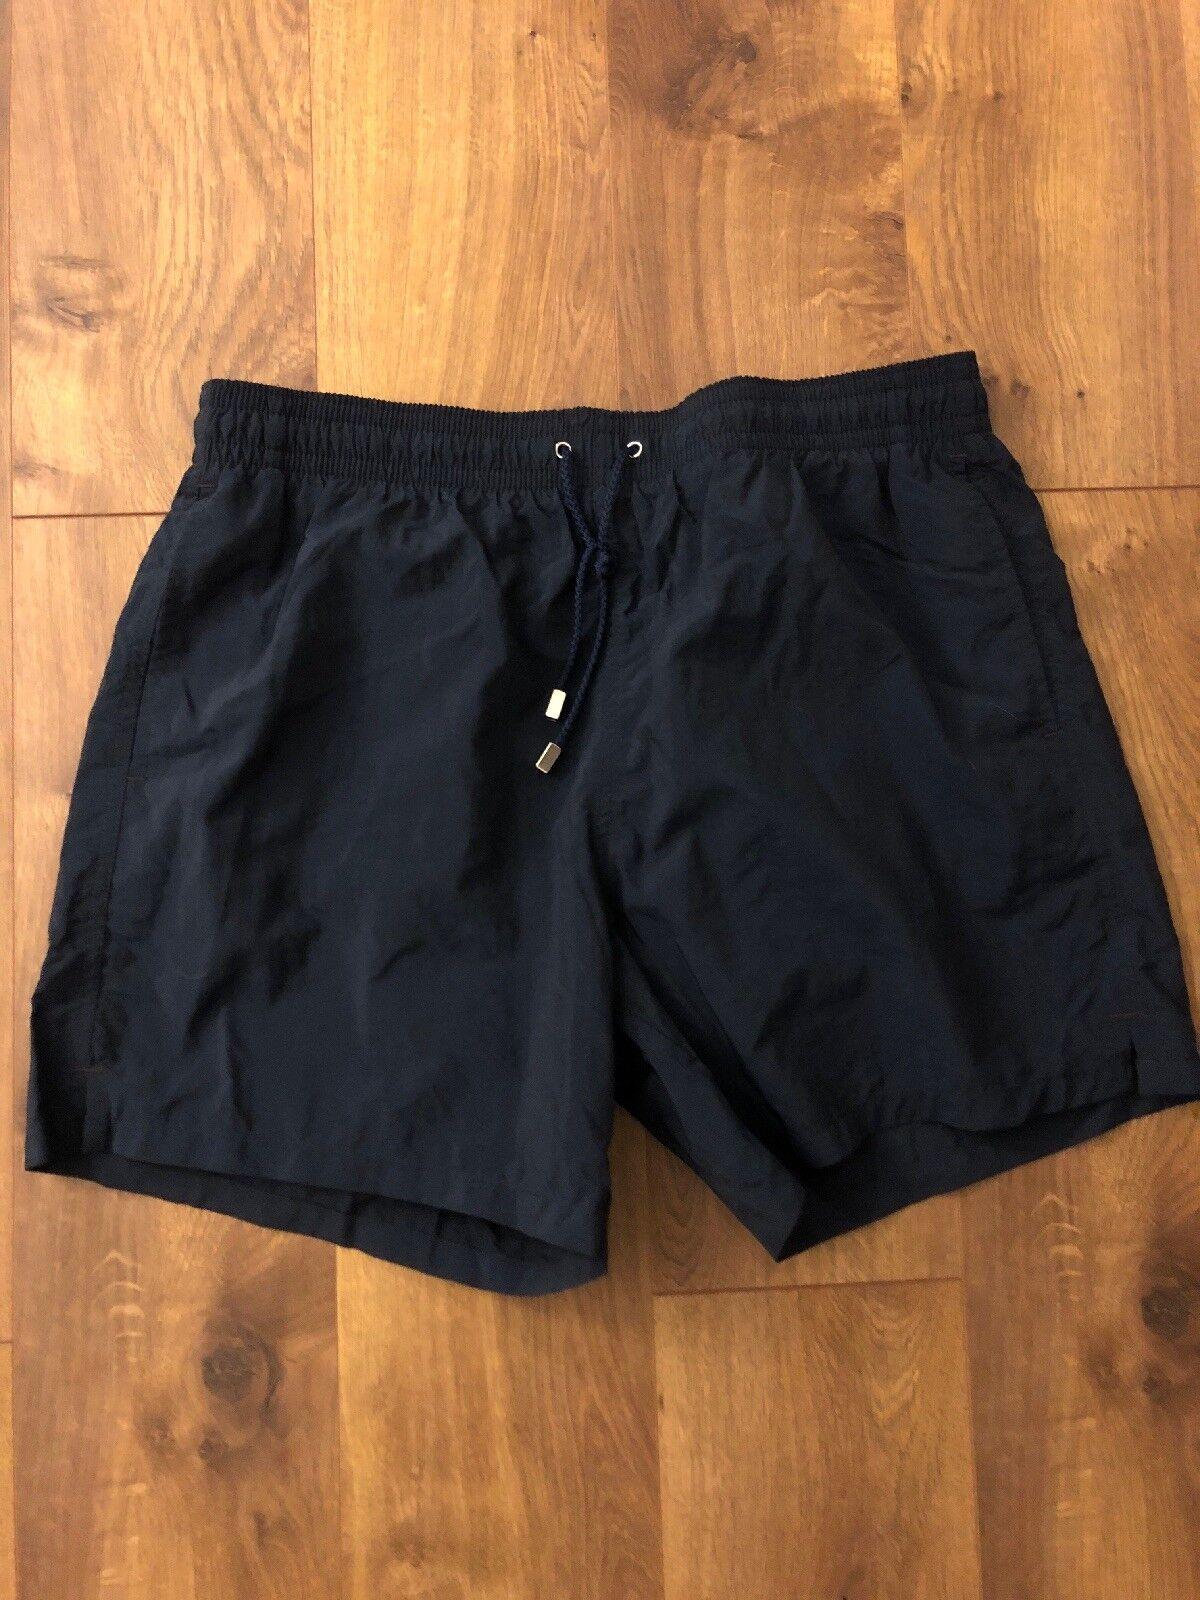 Roda XXL Navy Swim Trunks Shorts